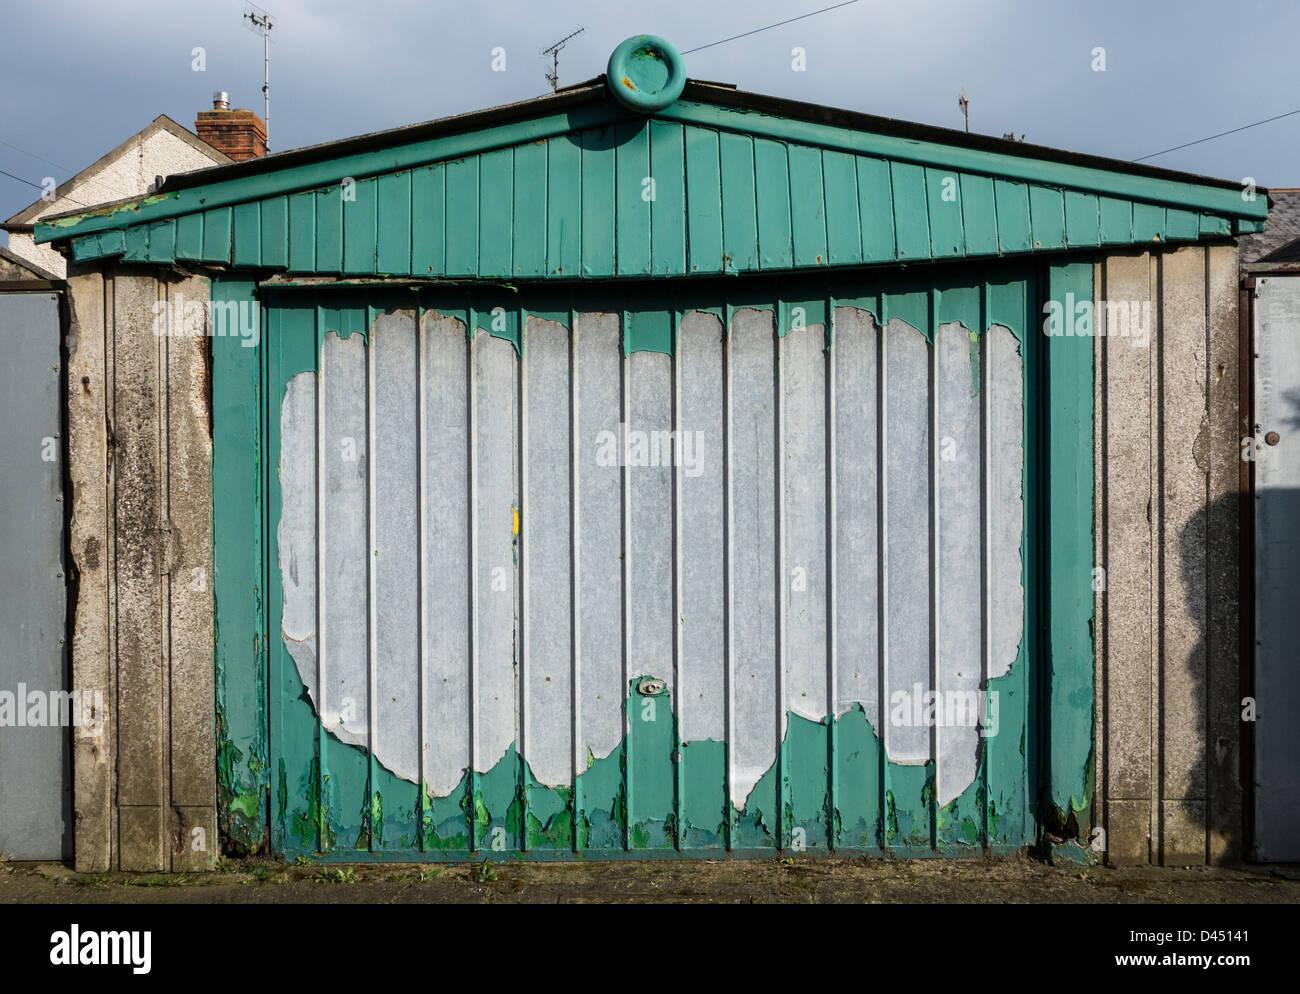 Un affaissement et porte de garage délabré avec de la peinture verte de déroulage Photo Stock